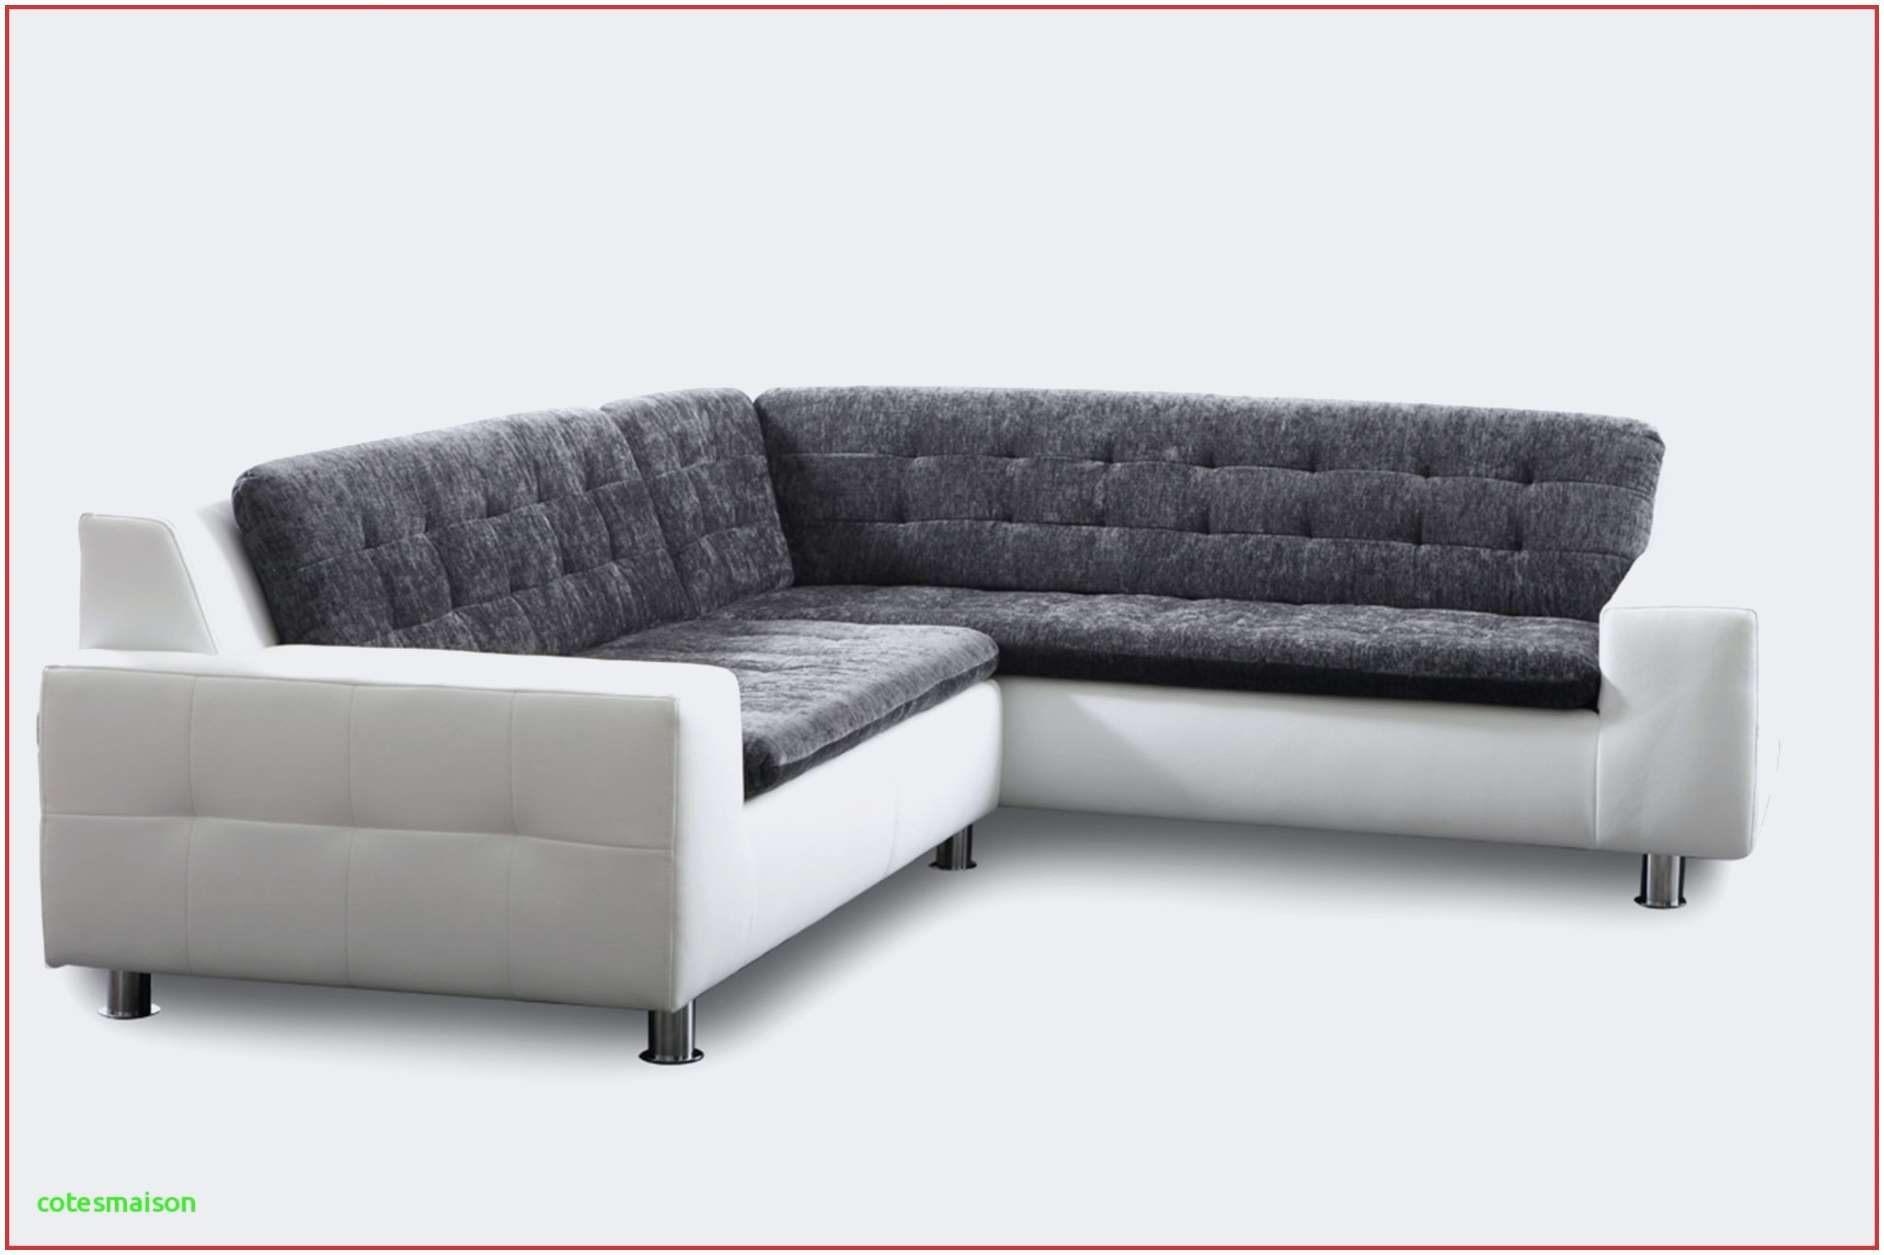 Lit Superposé 3 Places Ikea Nouveau Impressionnant Canapé En soldes — Puredebrideur Pour Sélection